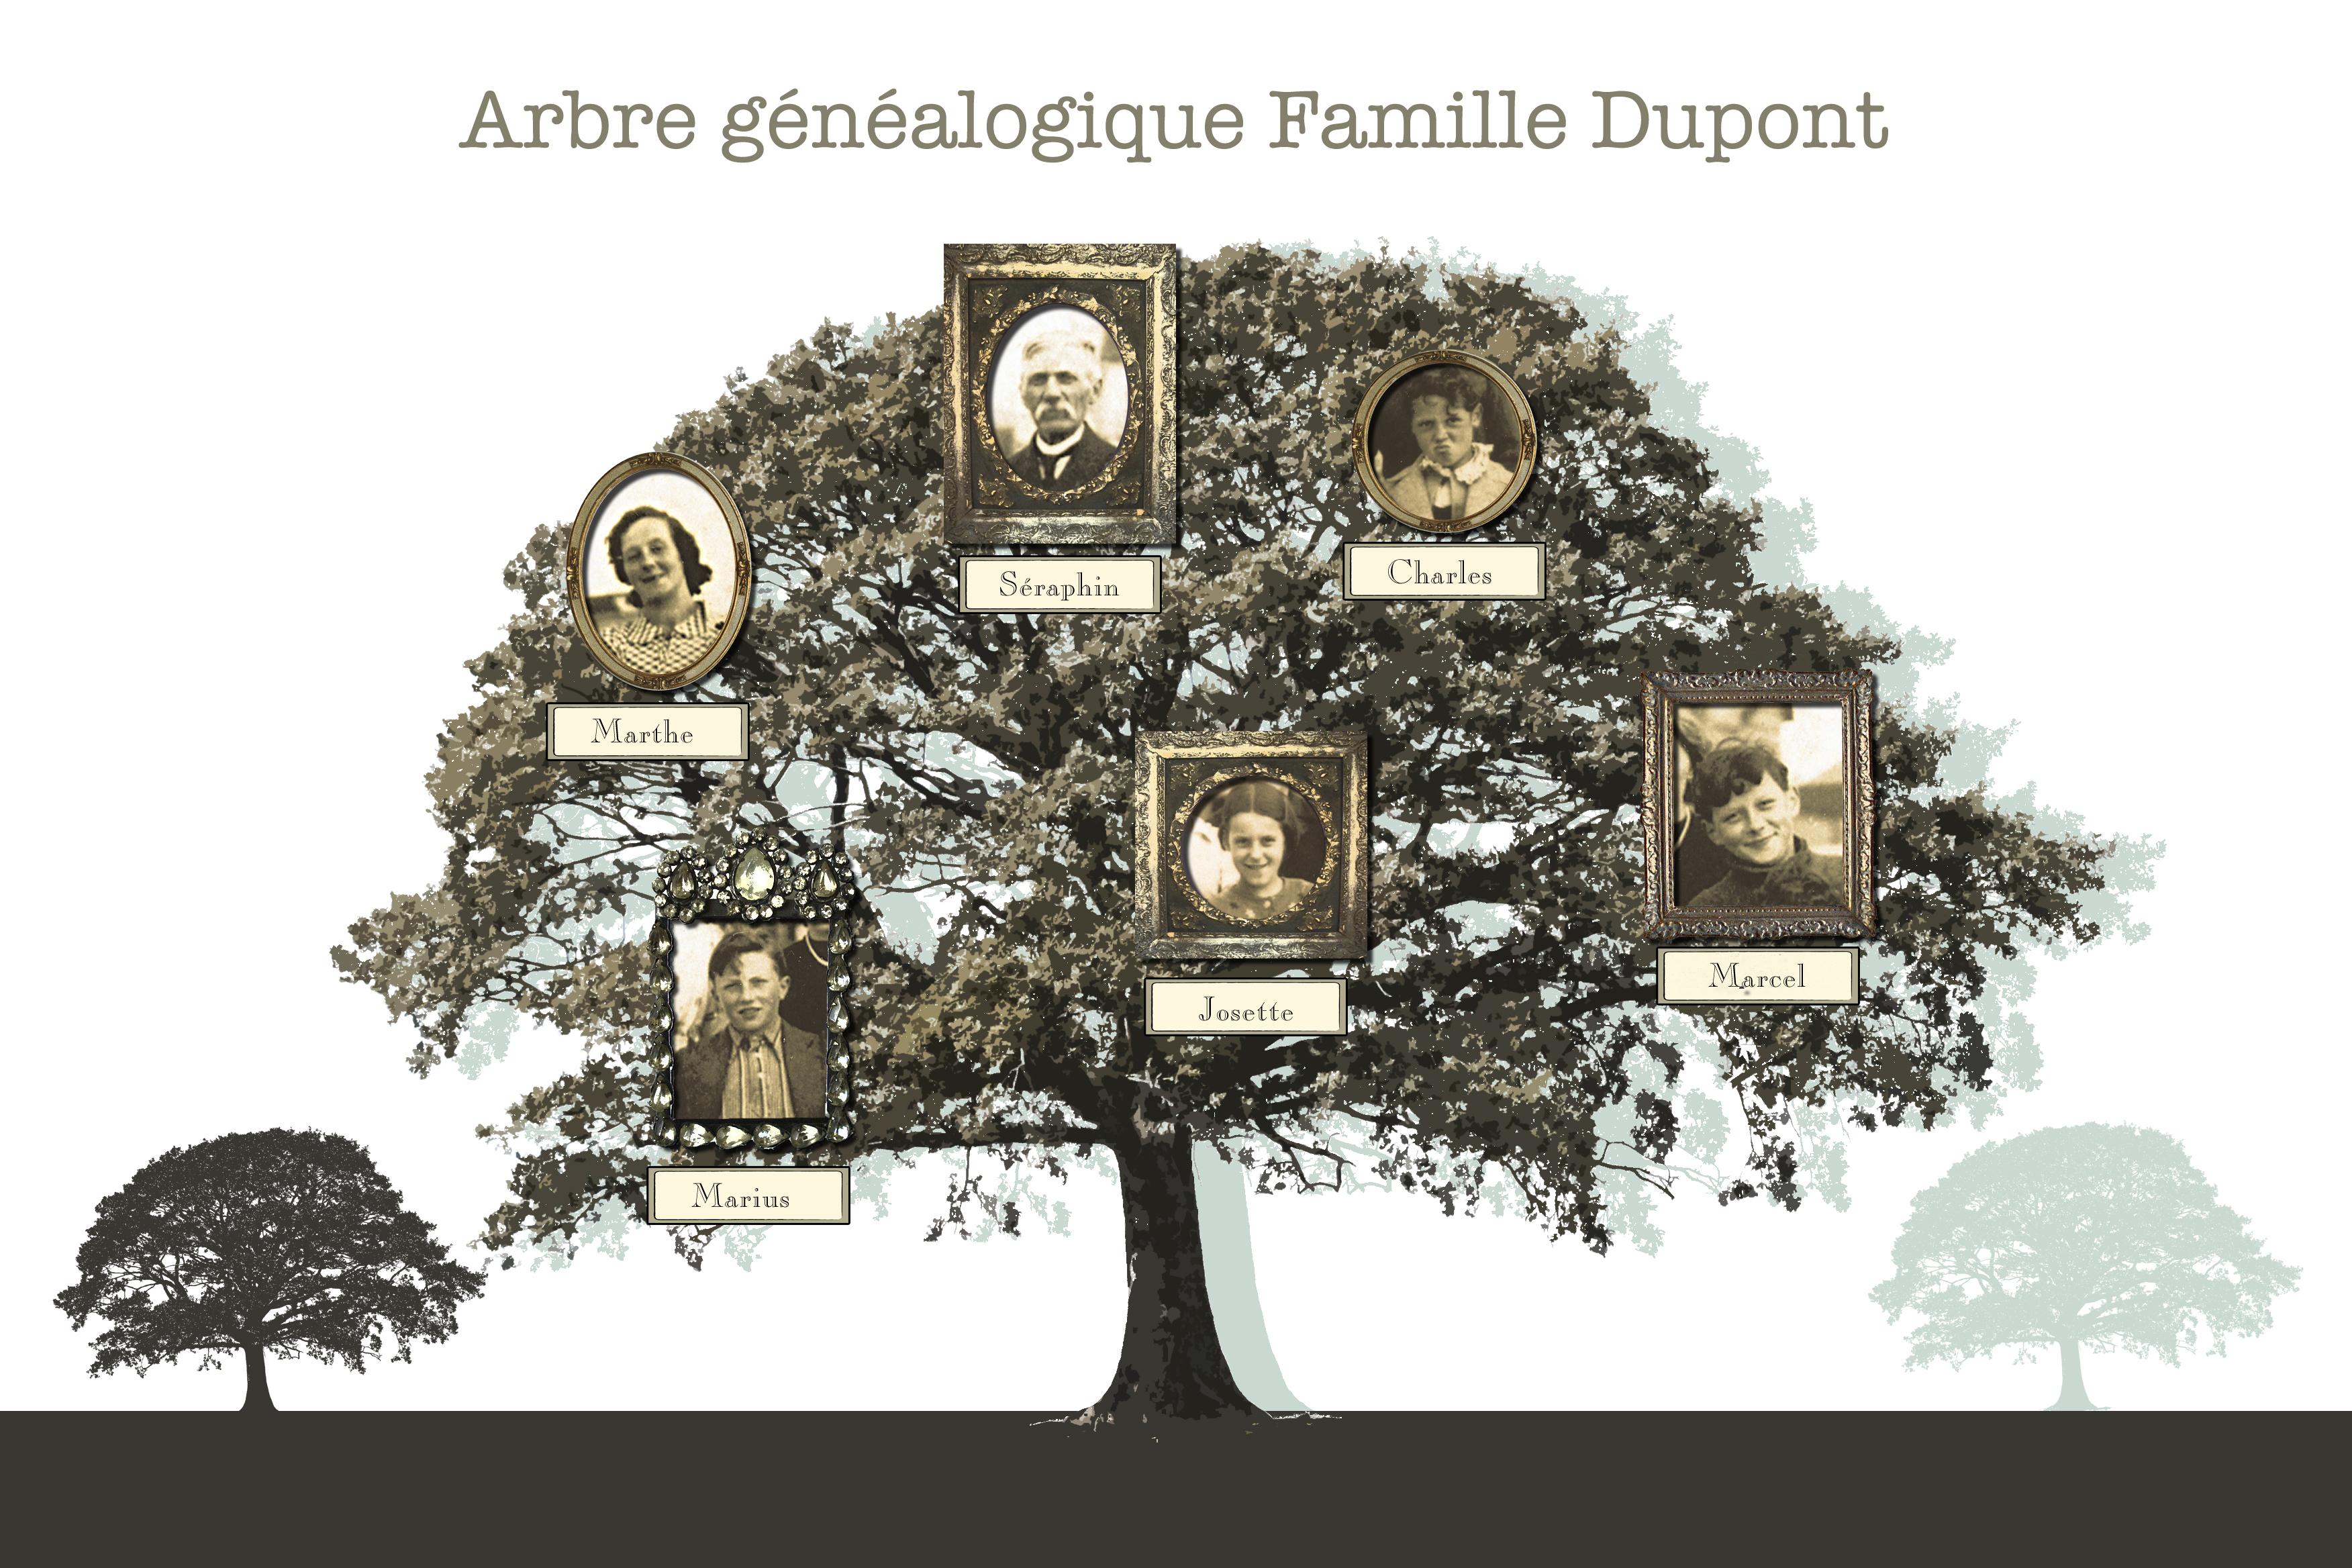 Arbre Genealogique Personnalise